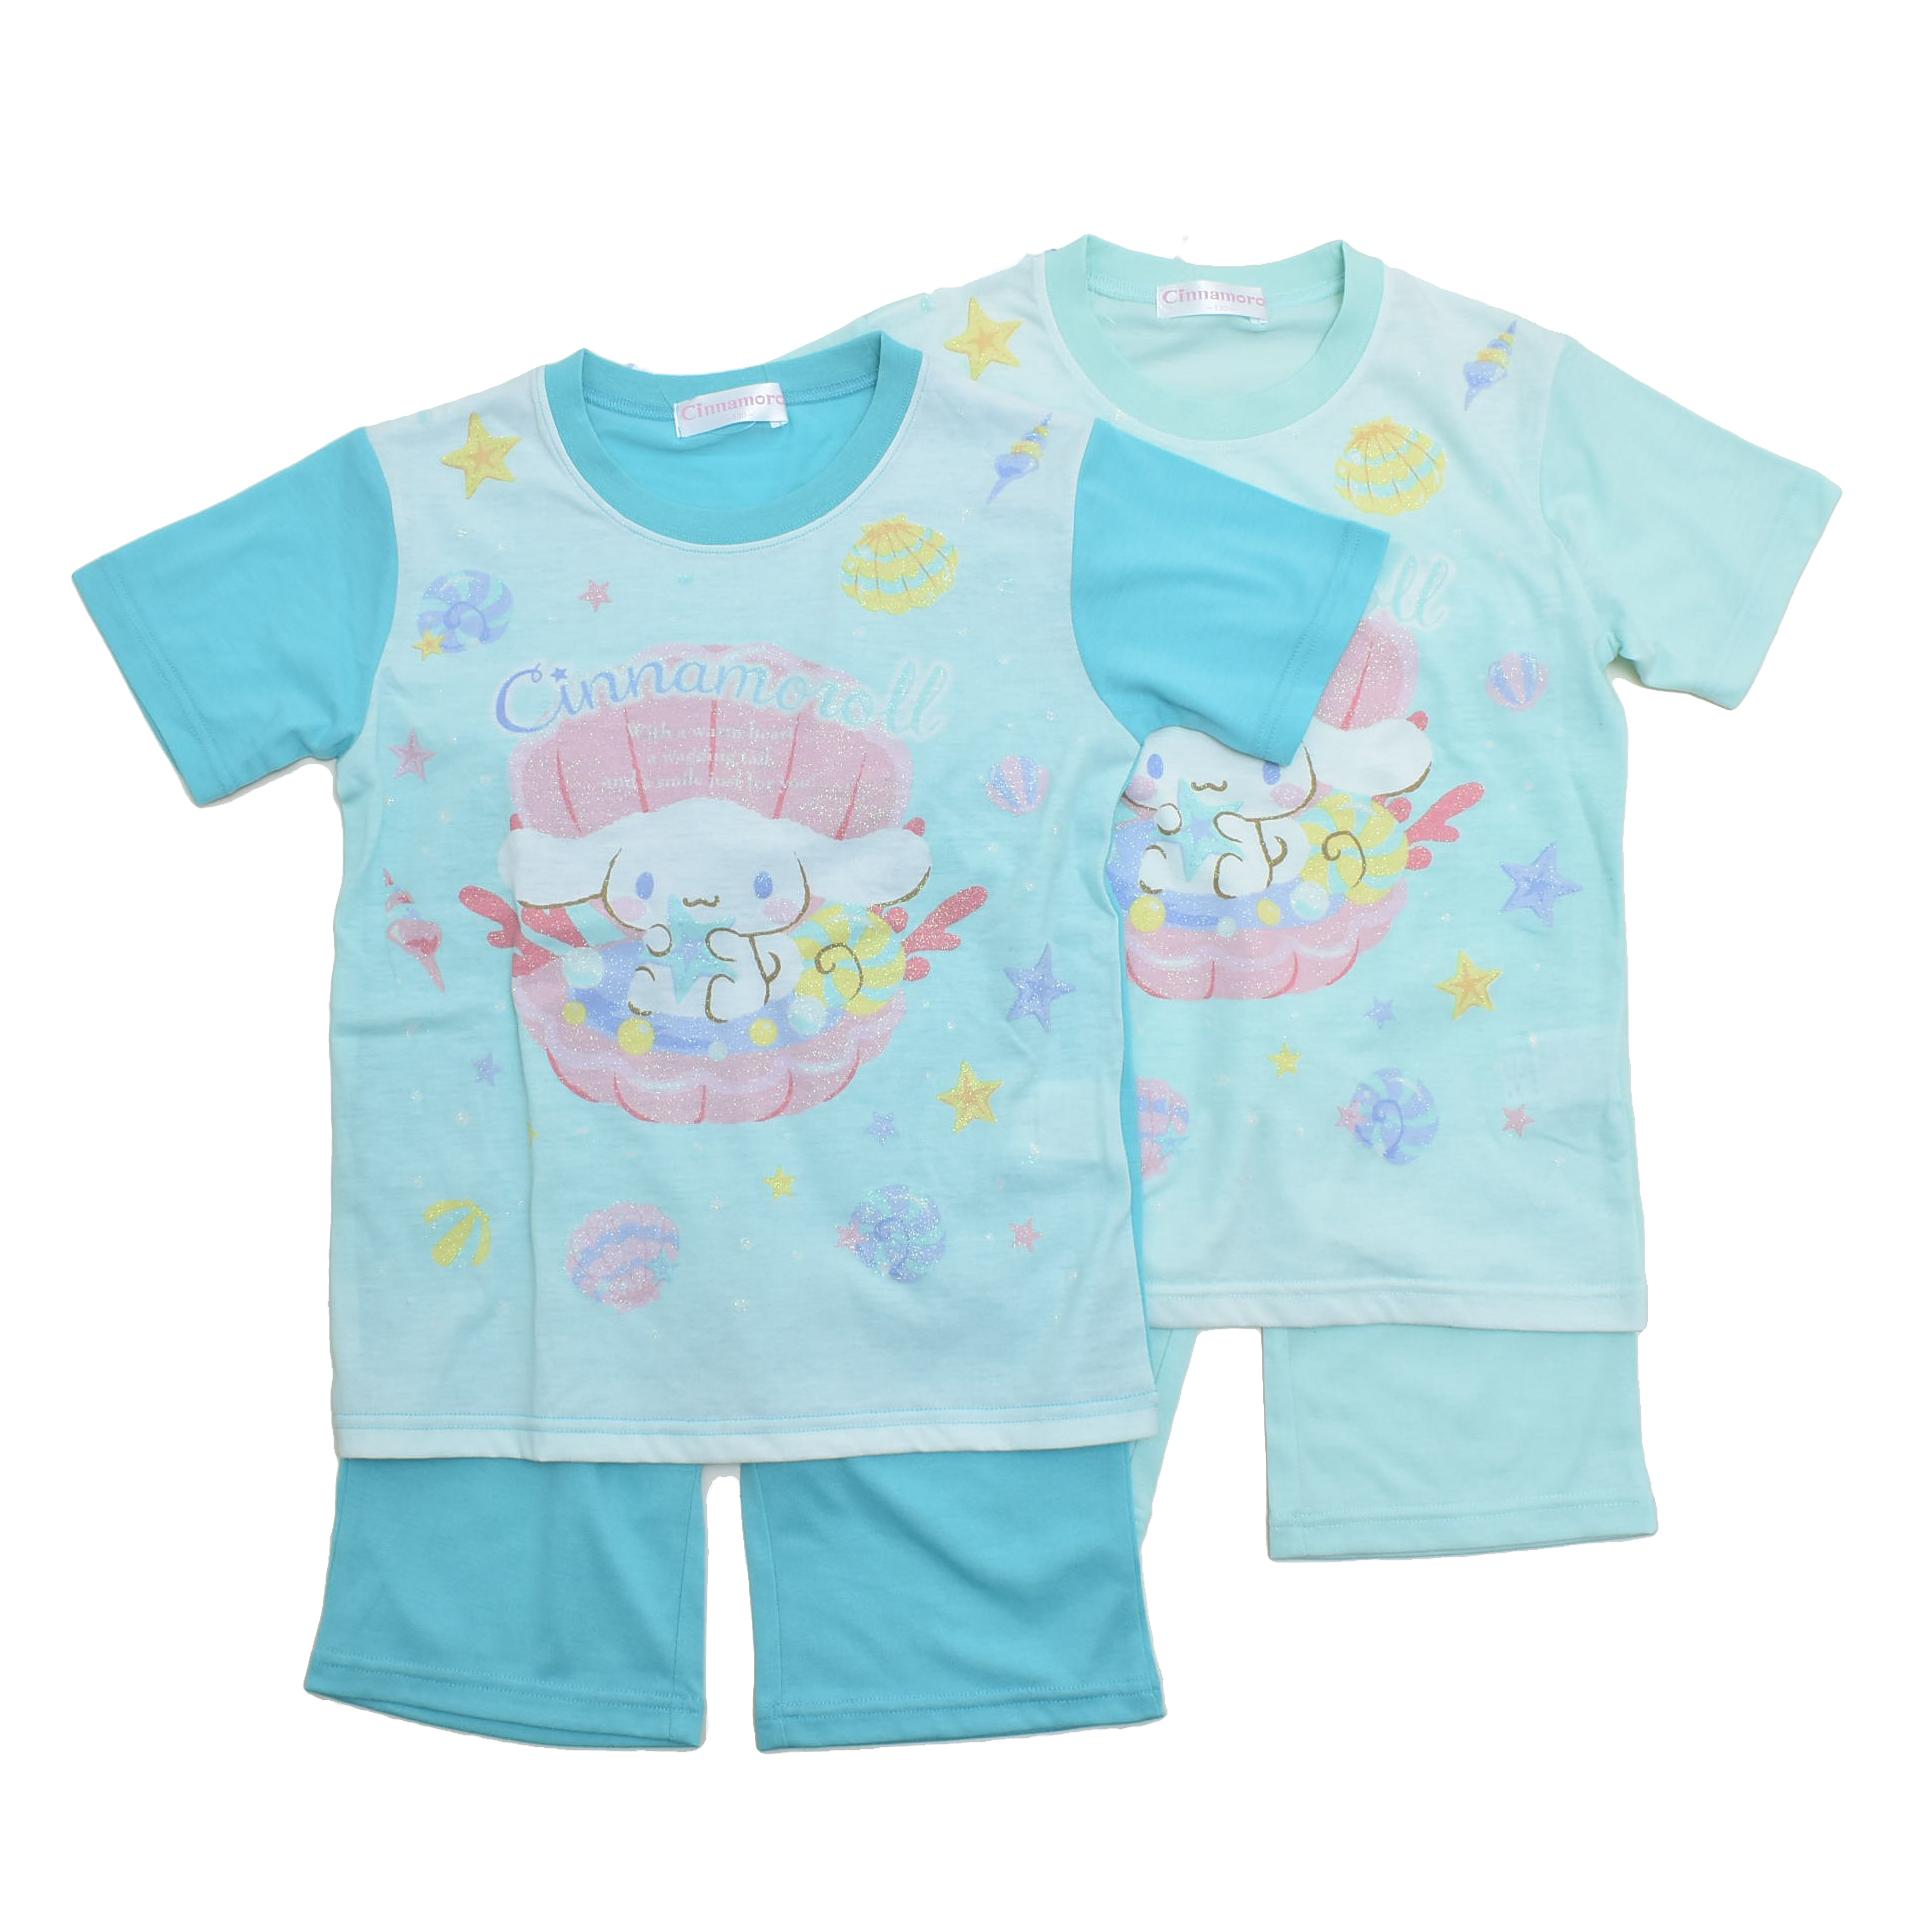 サンリオ シナモロール  半袖Tシャツ生地のパジャマ 130cm-150cm  (132CN0072)